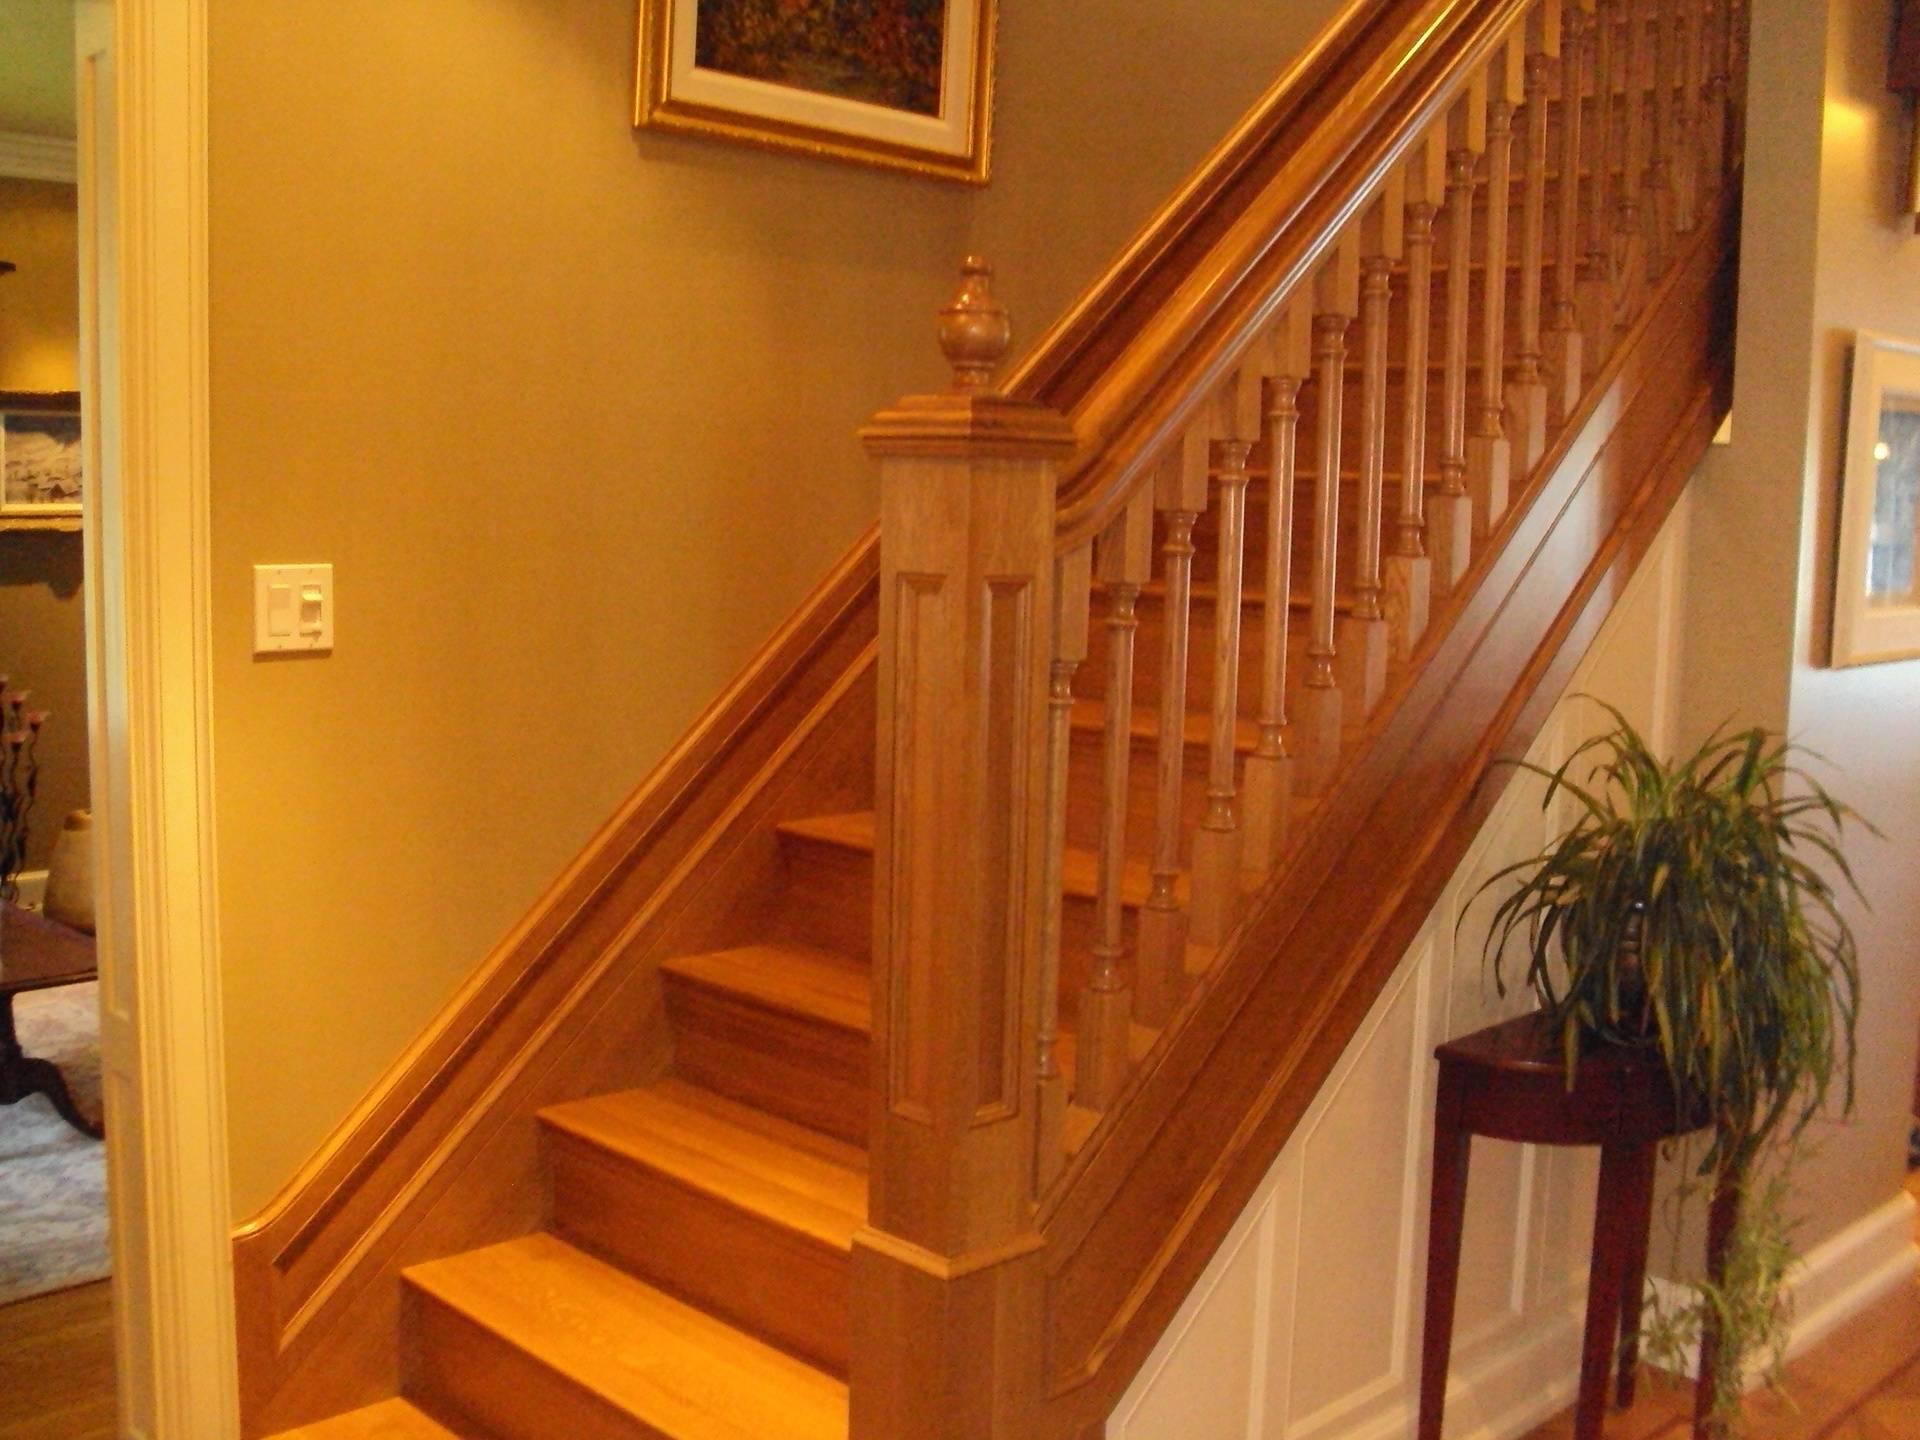 Escalier de bois à limons fermés, rampe et barreaux de bois